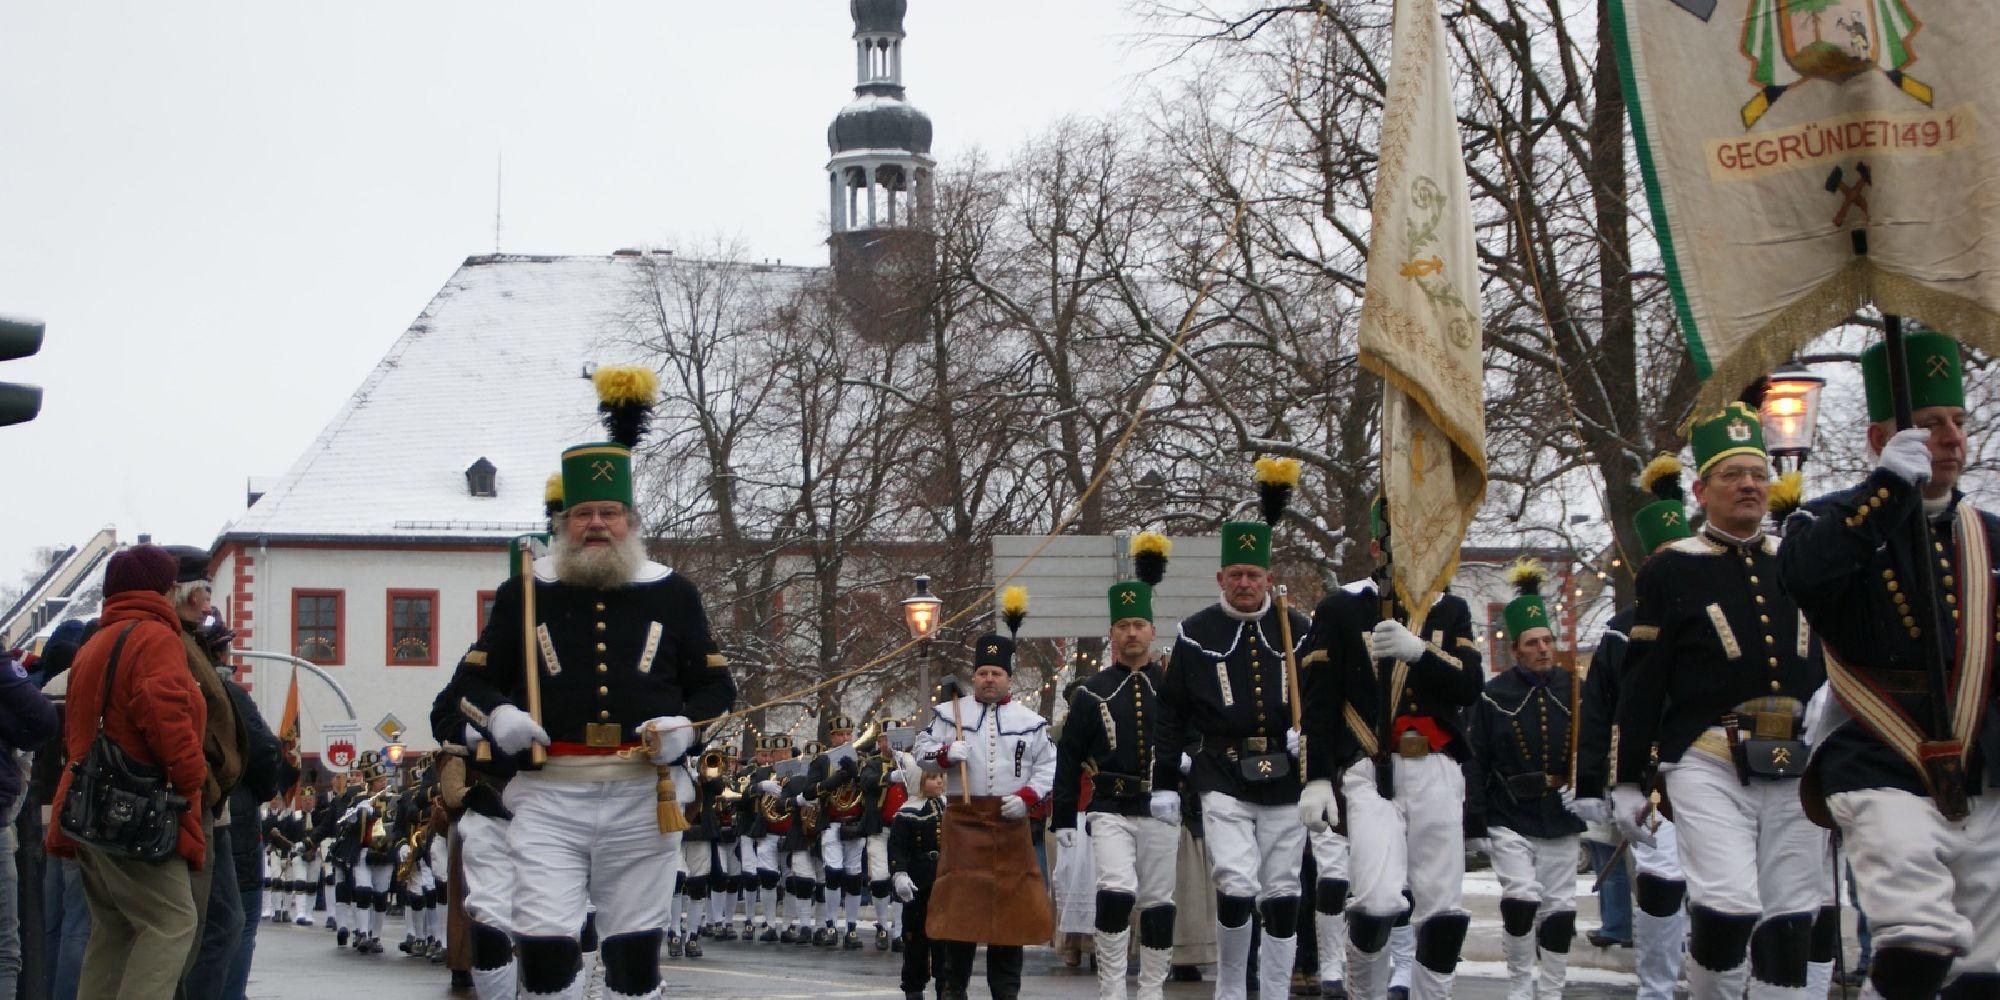 Marienberger Bergparade